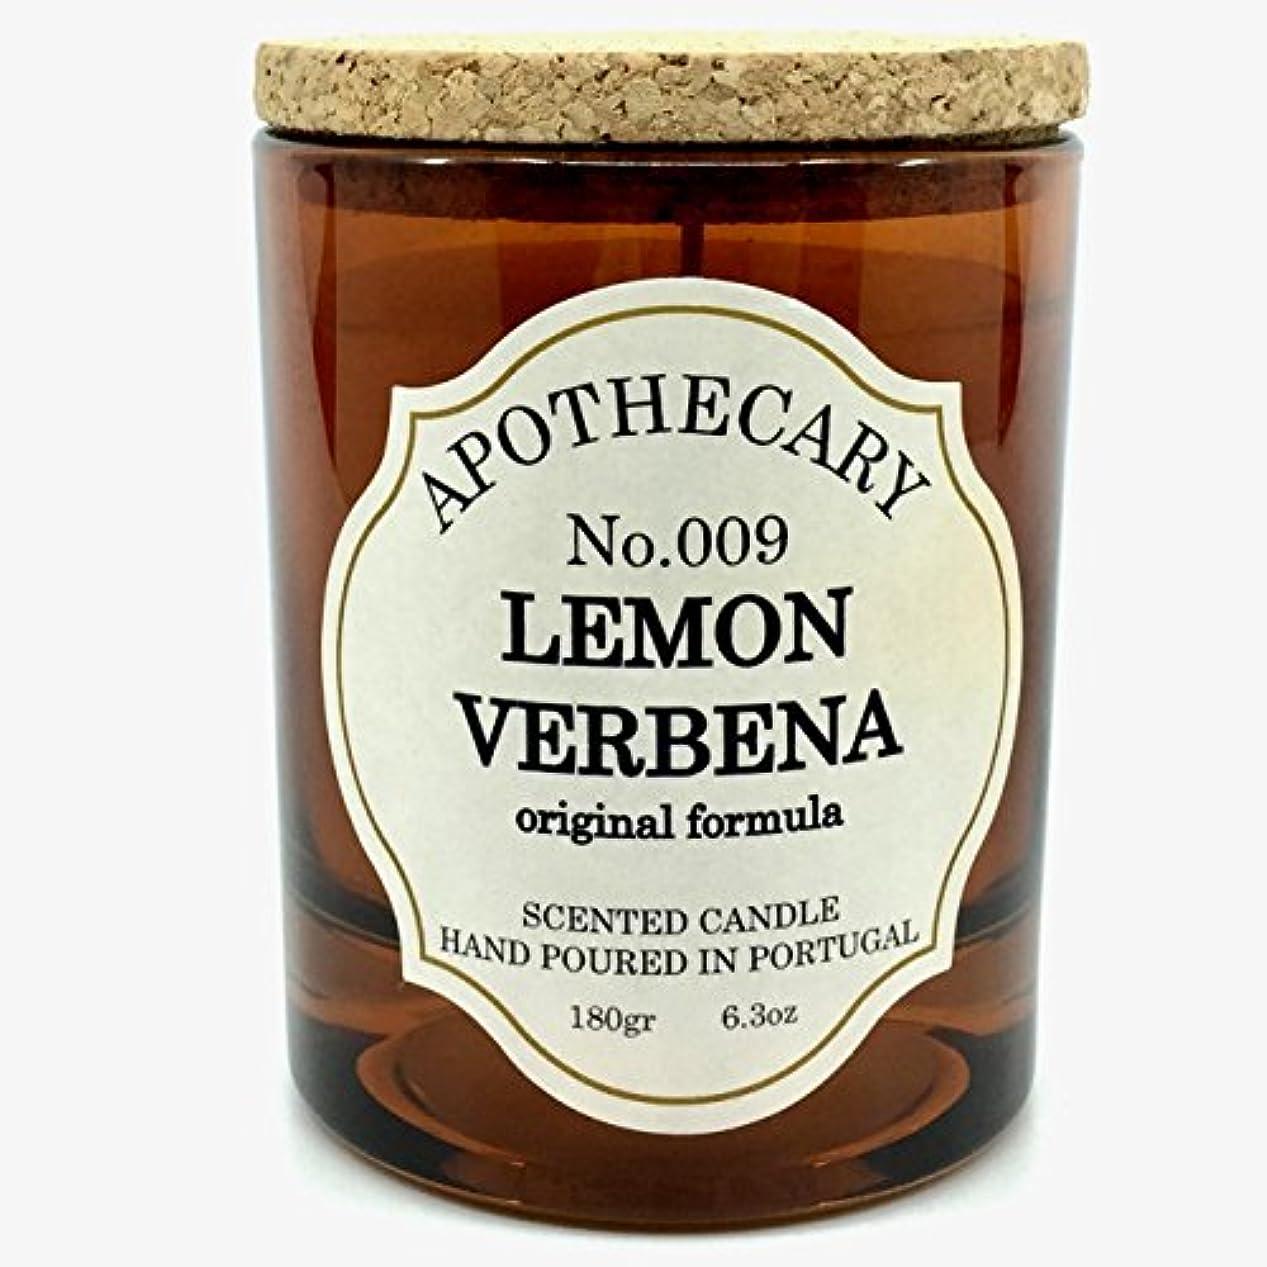 悲しいことにプラカード収益Apothecary No 009 Lemon Verbena Original Formula Scented Candle